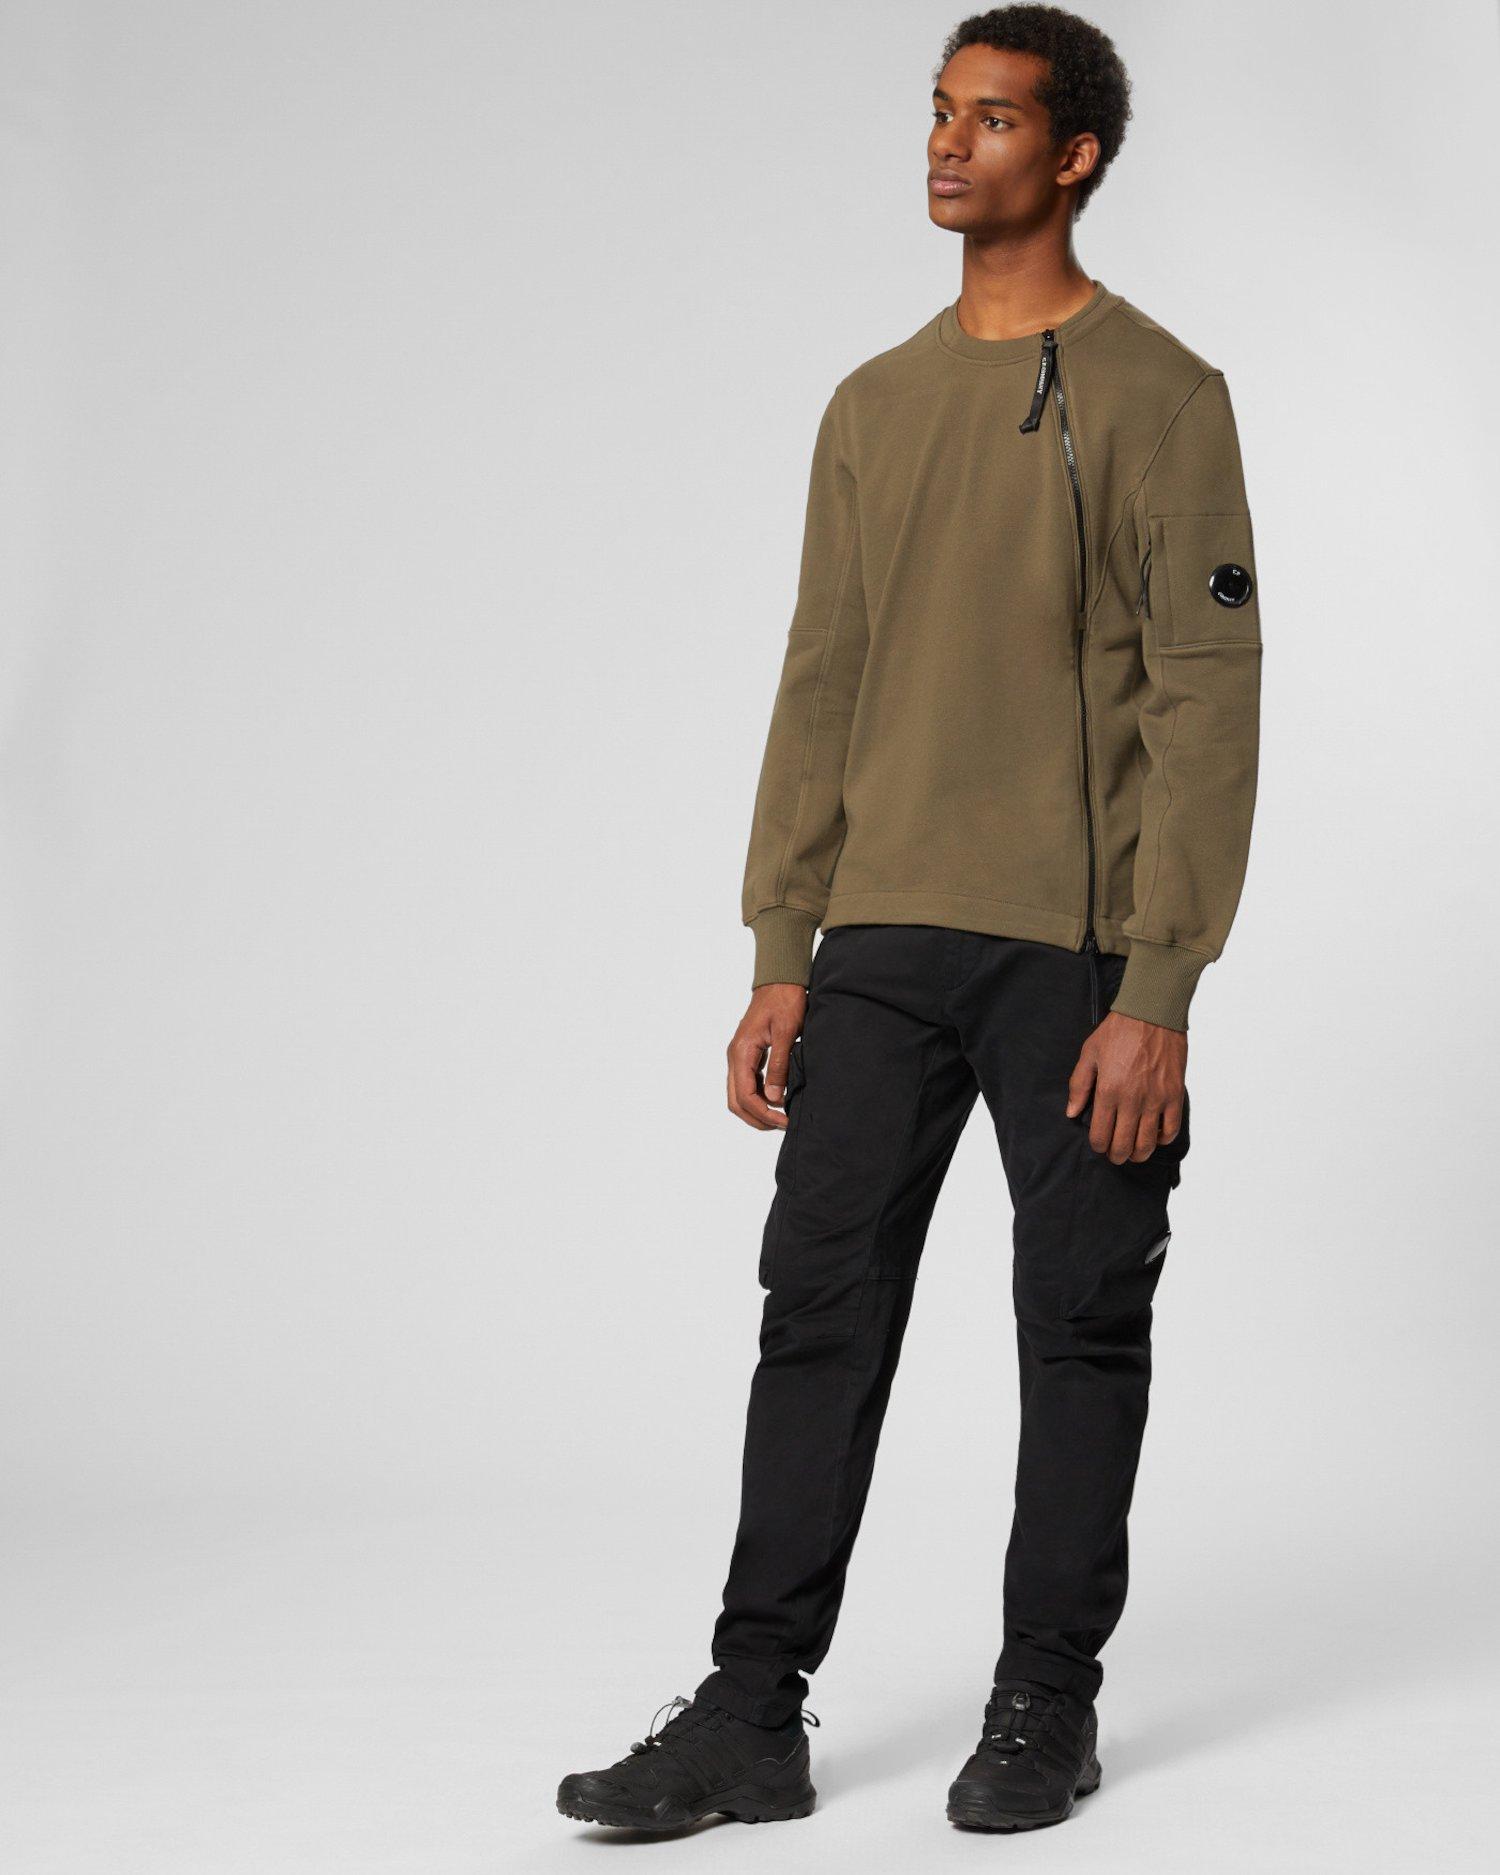 Sweatshirt aus Fleece mit Diagonalbindung und asymmetrischem Reißverschluss